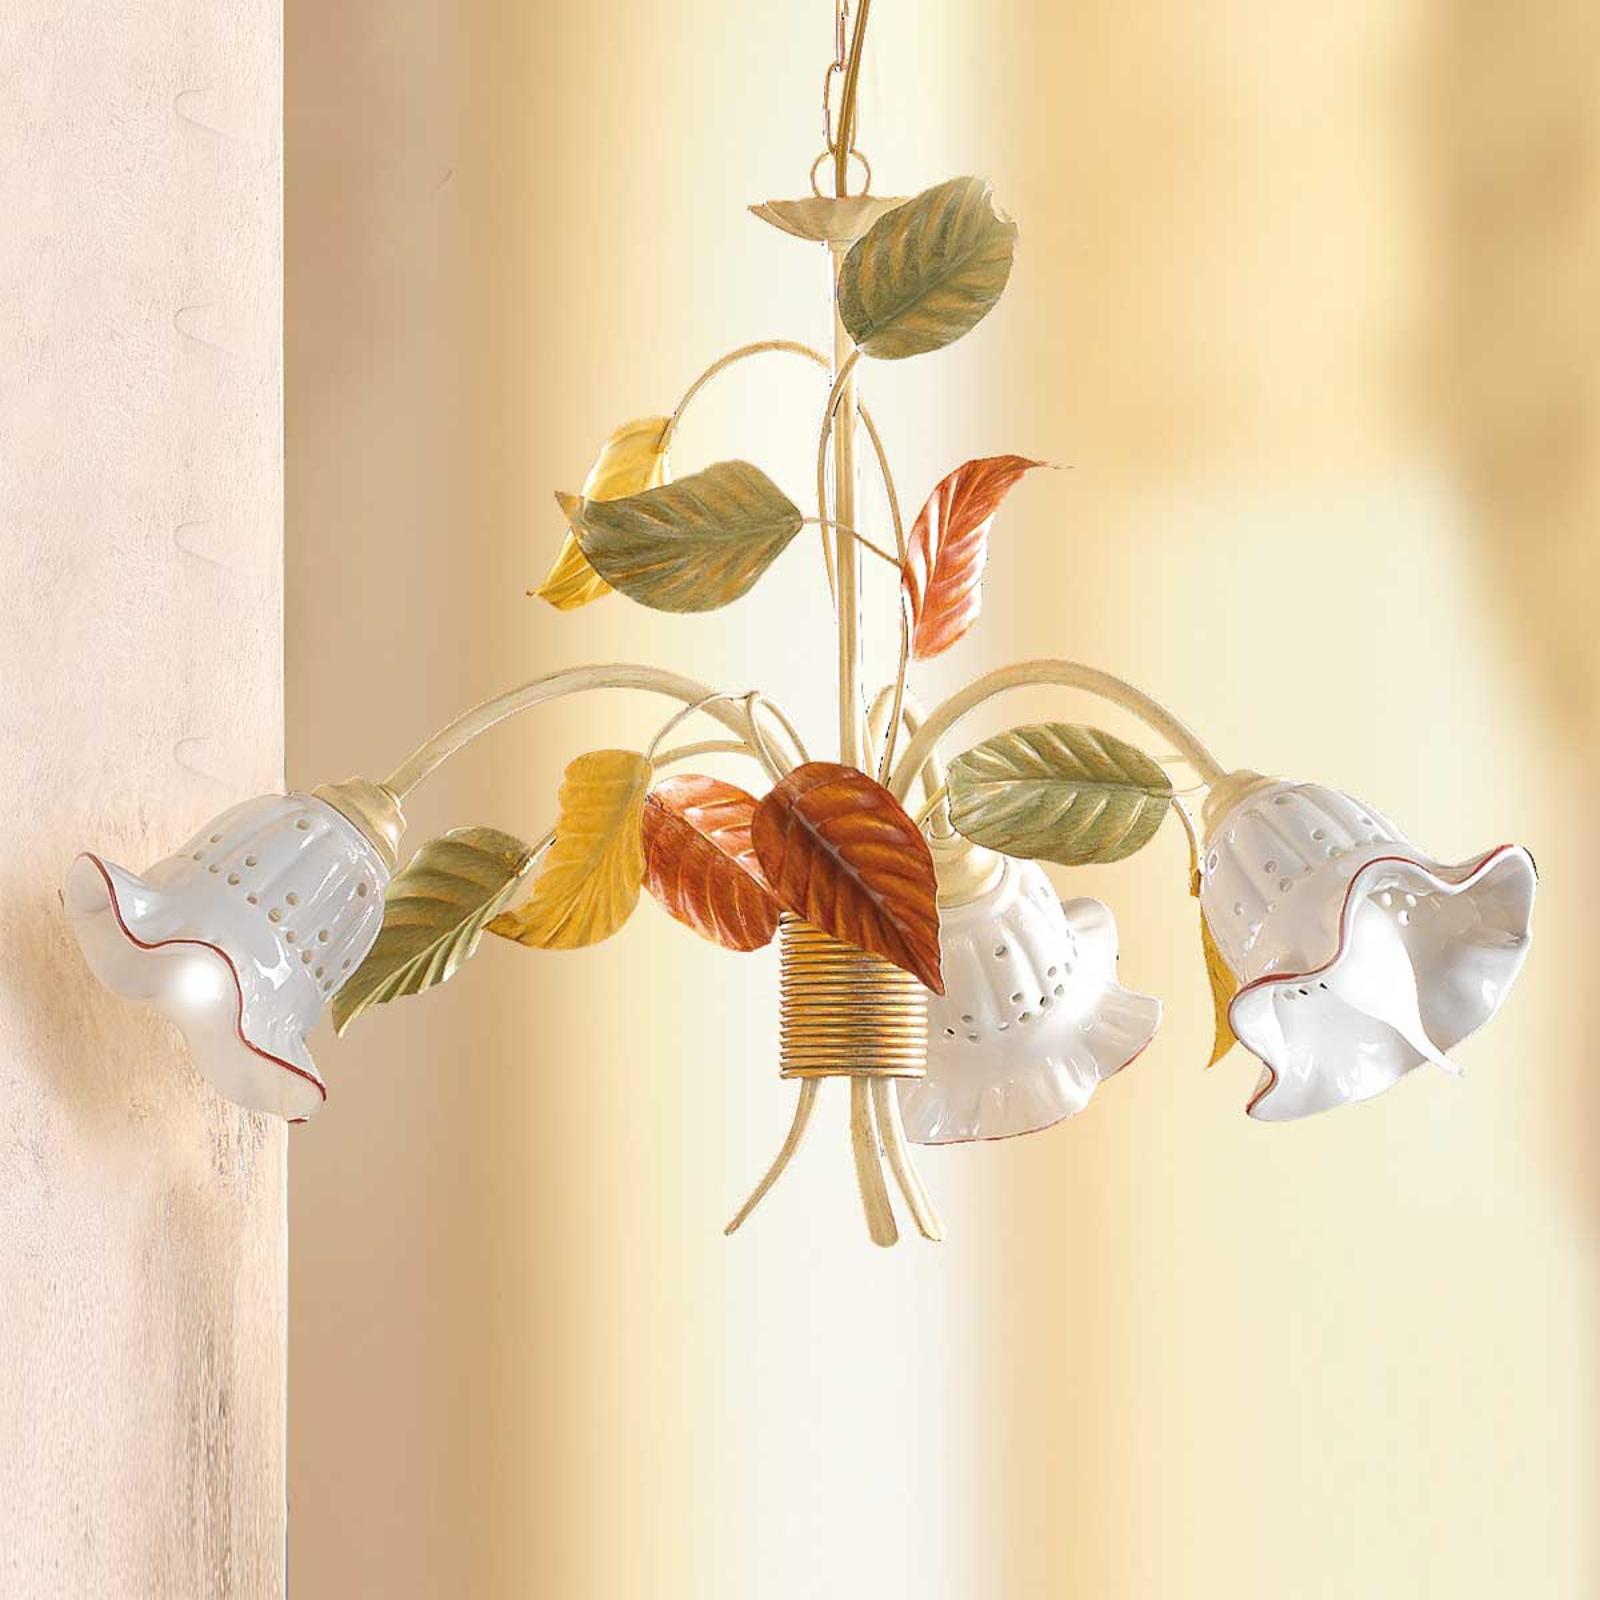 Závesná lampa Flora vo florentínskom štýle, 3-pl._2013071_1